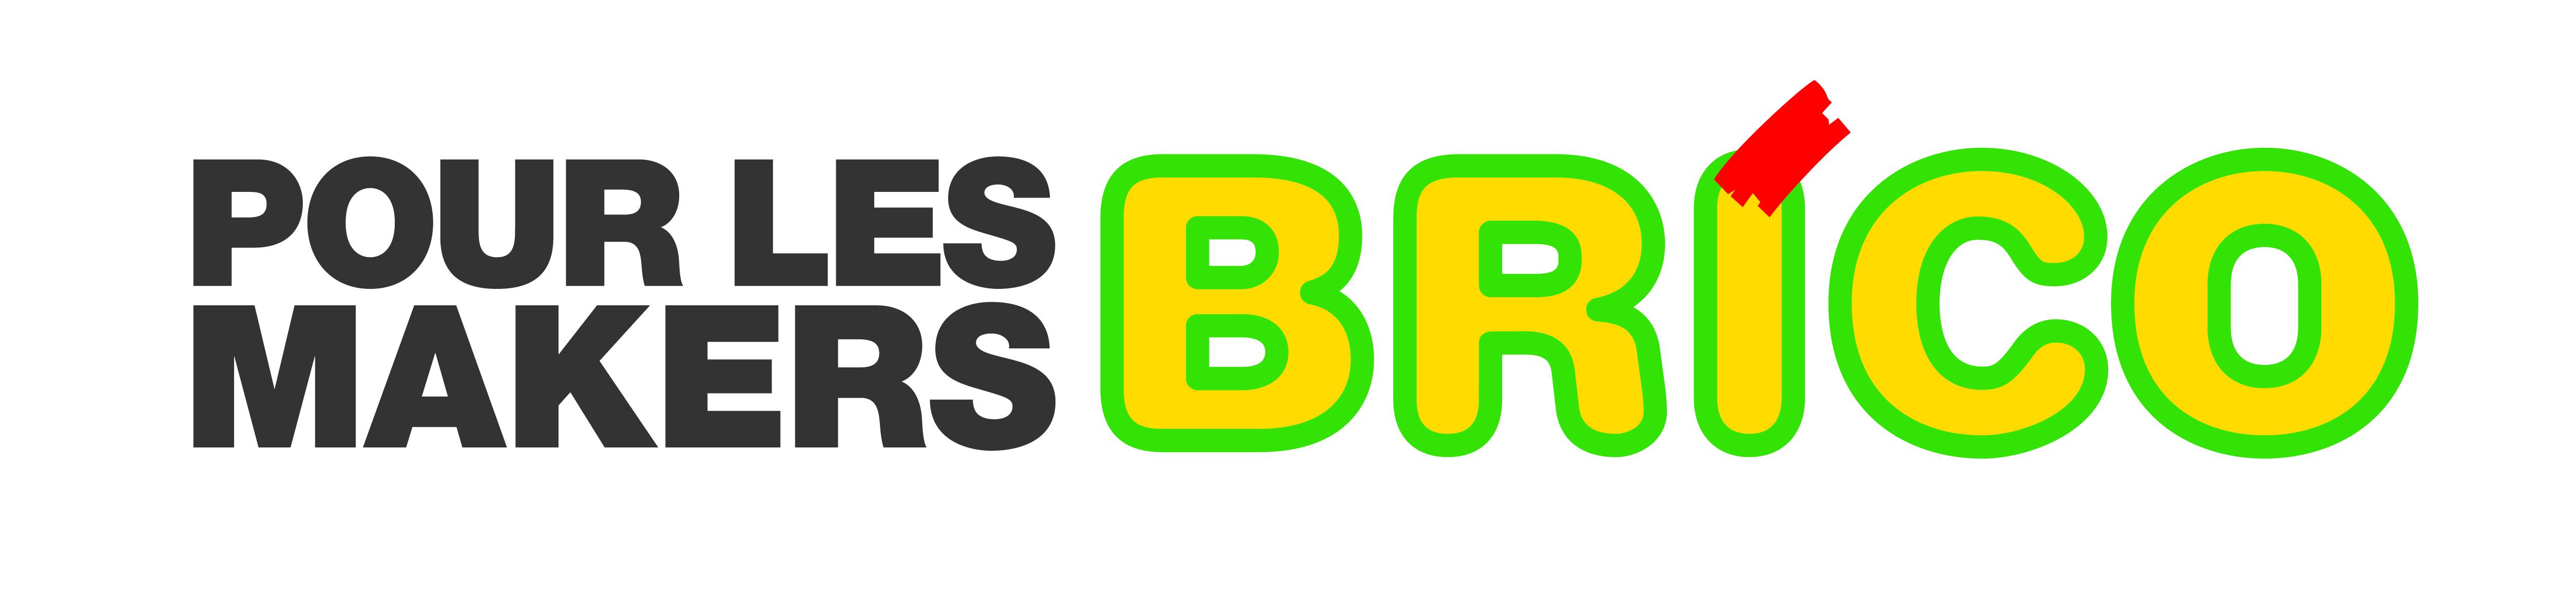 196071 brico logo cmyk payoff 1 fr 9a3e07 original 1455877584